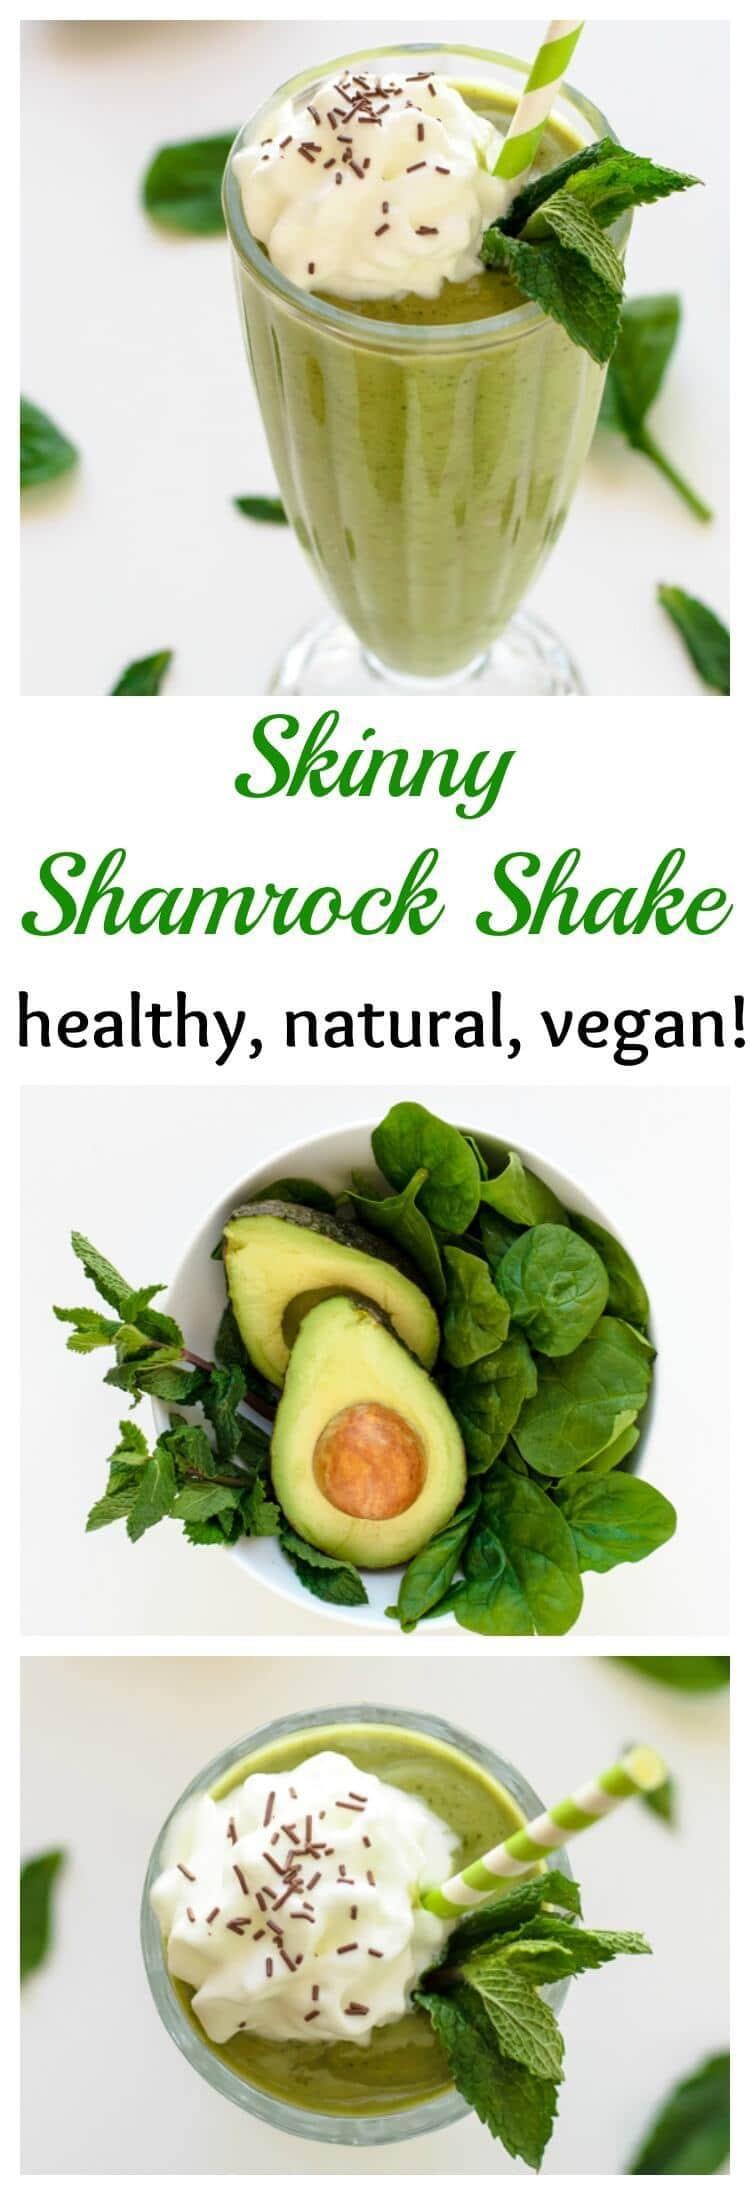 shake skinny shamrock shake recipe yummly skinny shamrock shake recipe ...